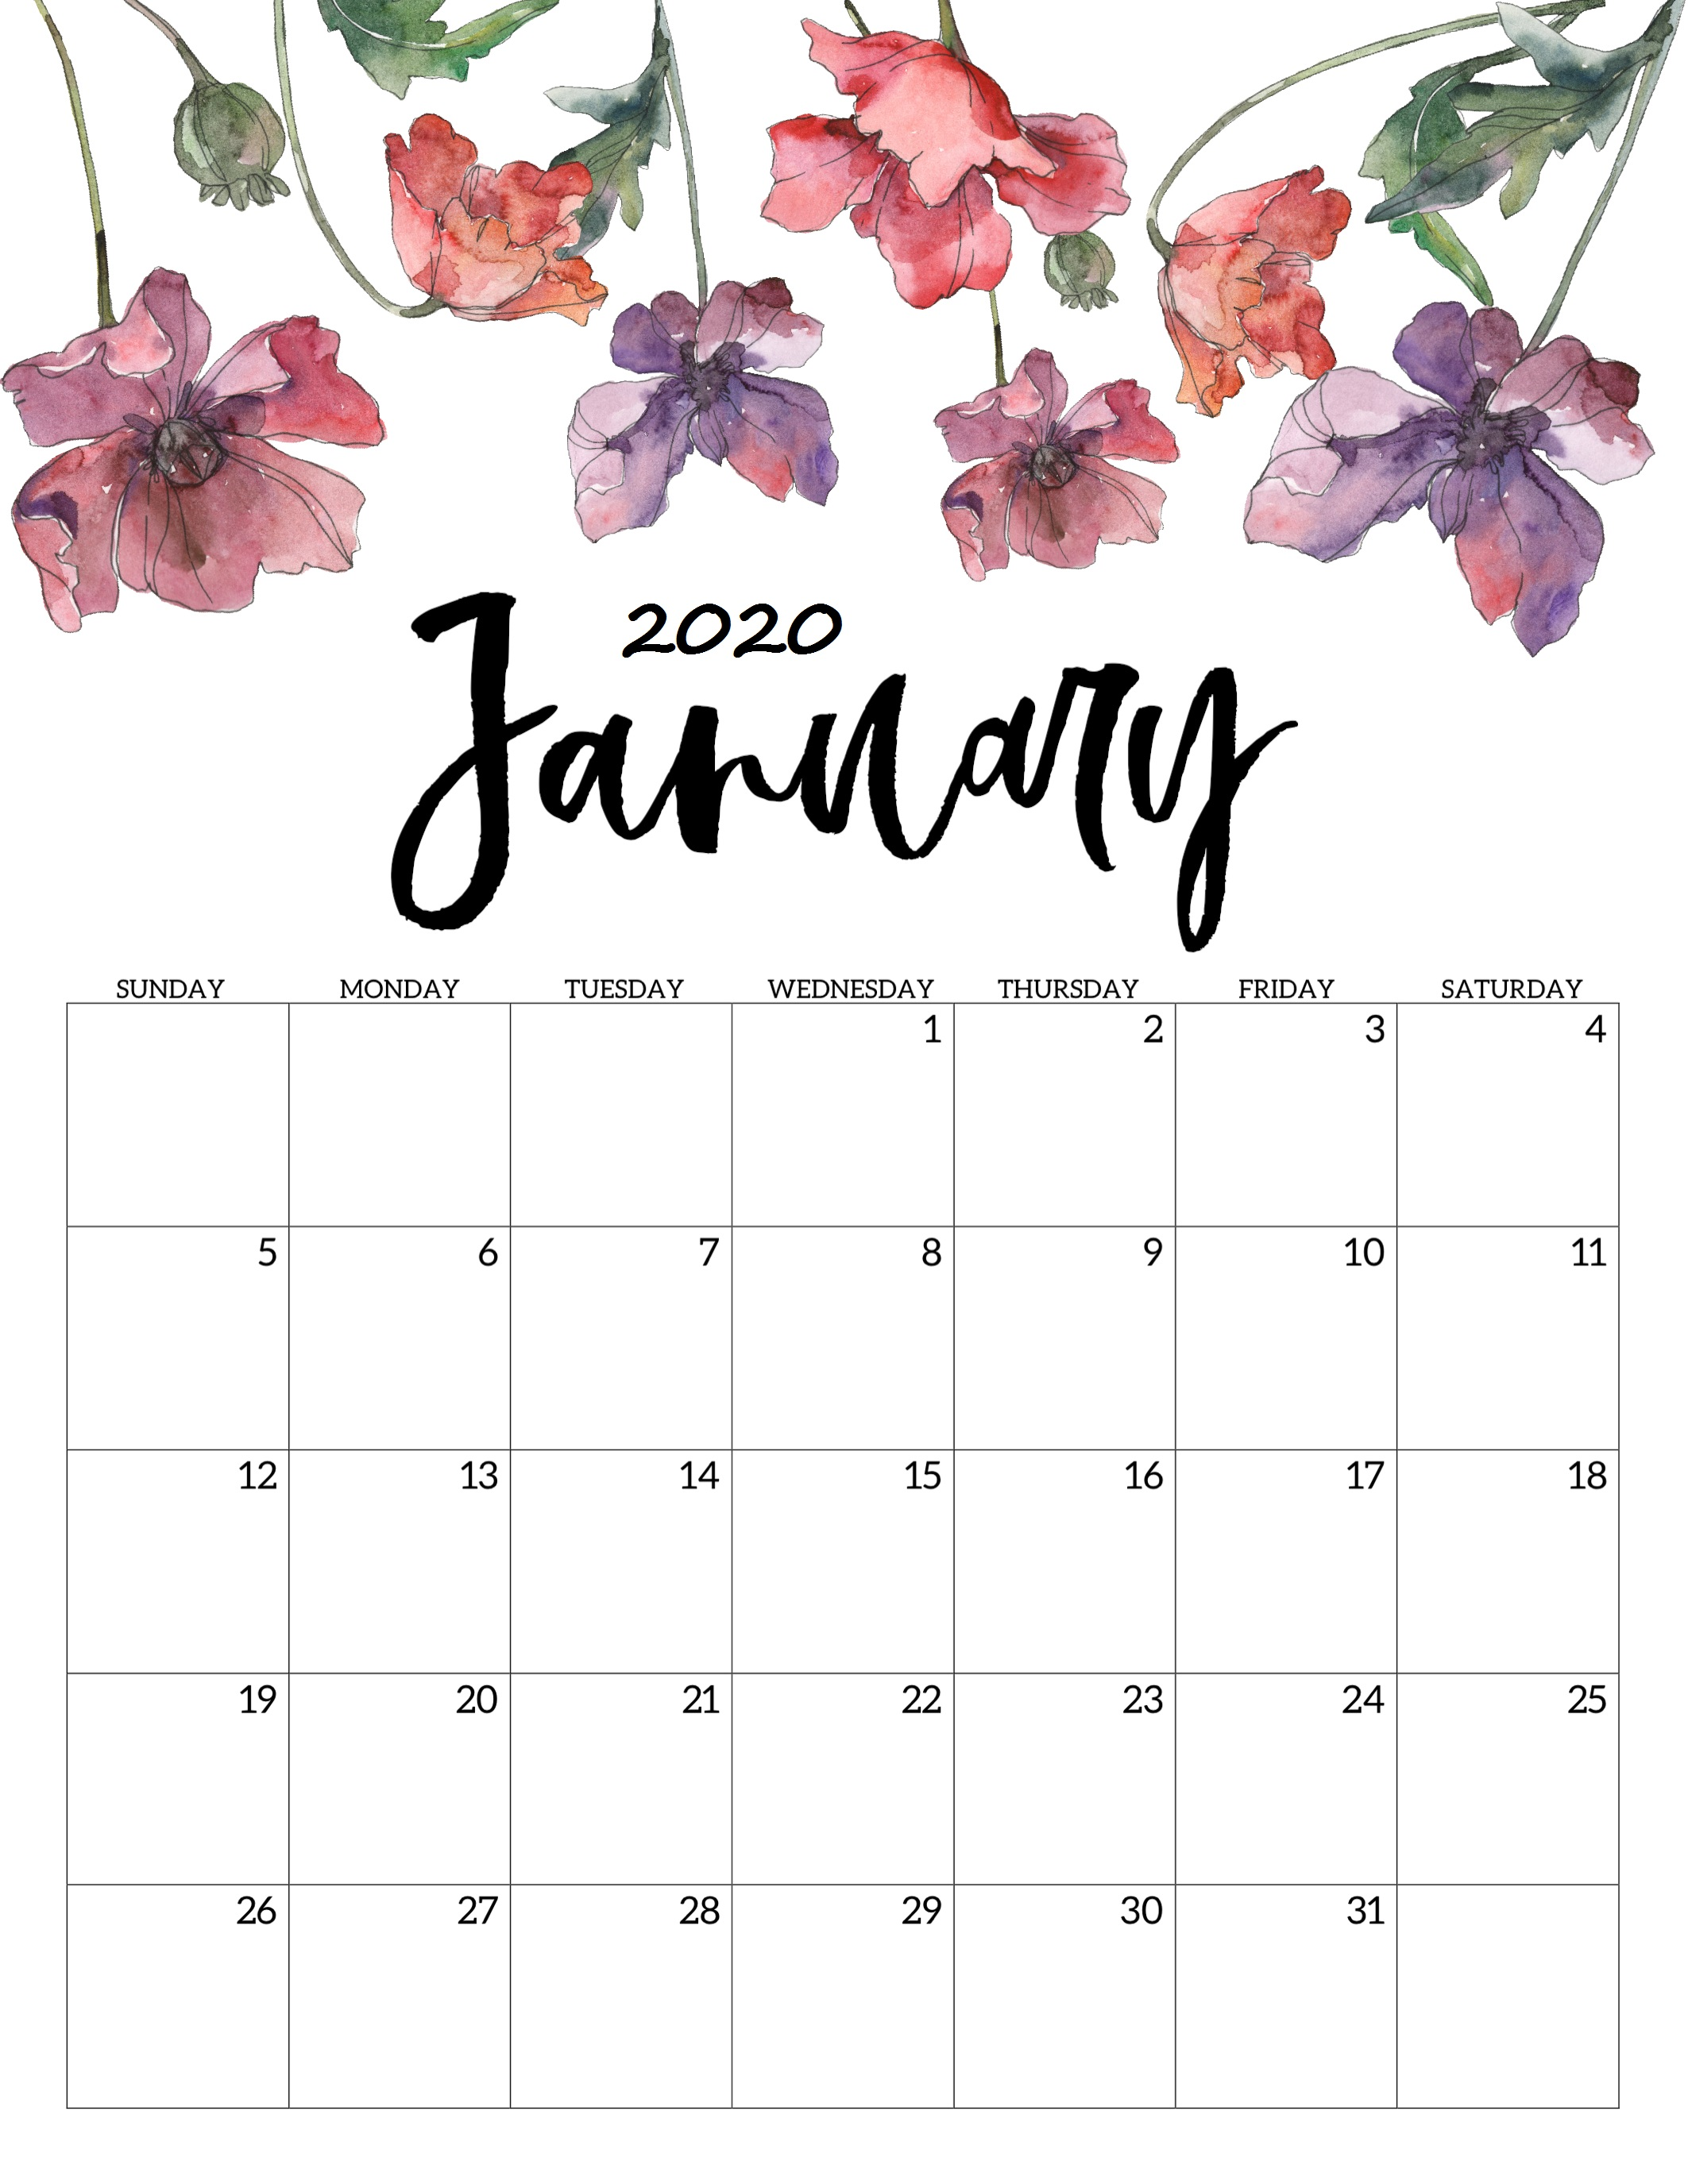 Calendar 2020 January For Kids